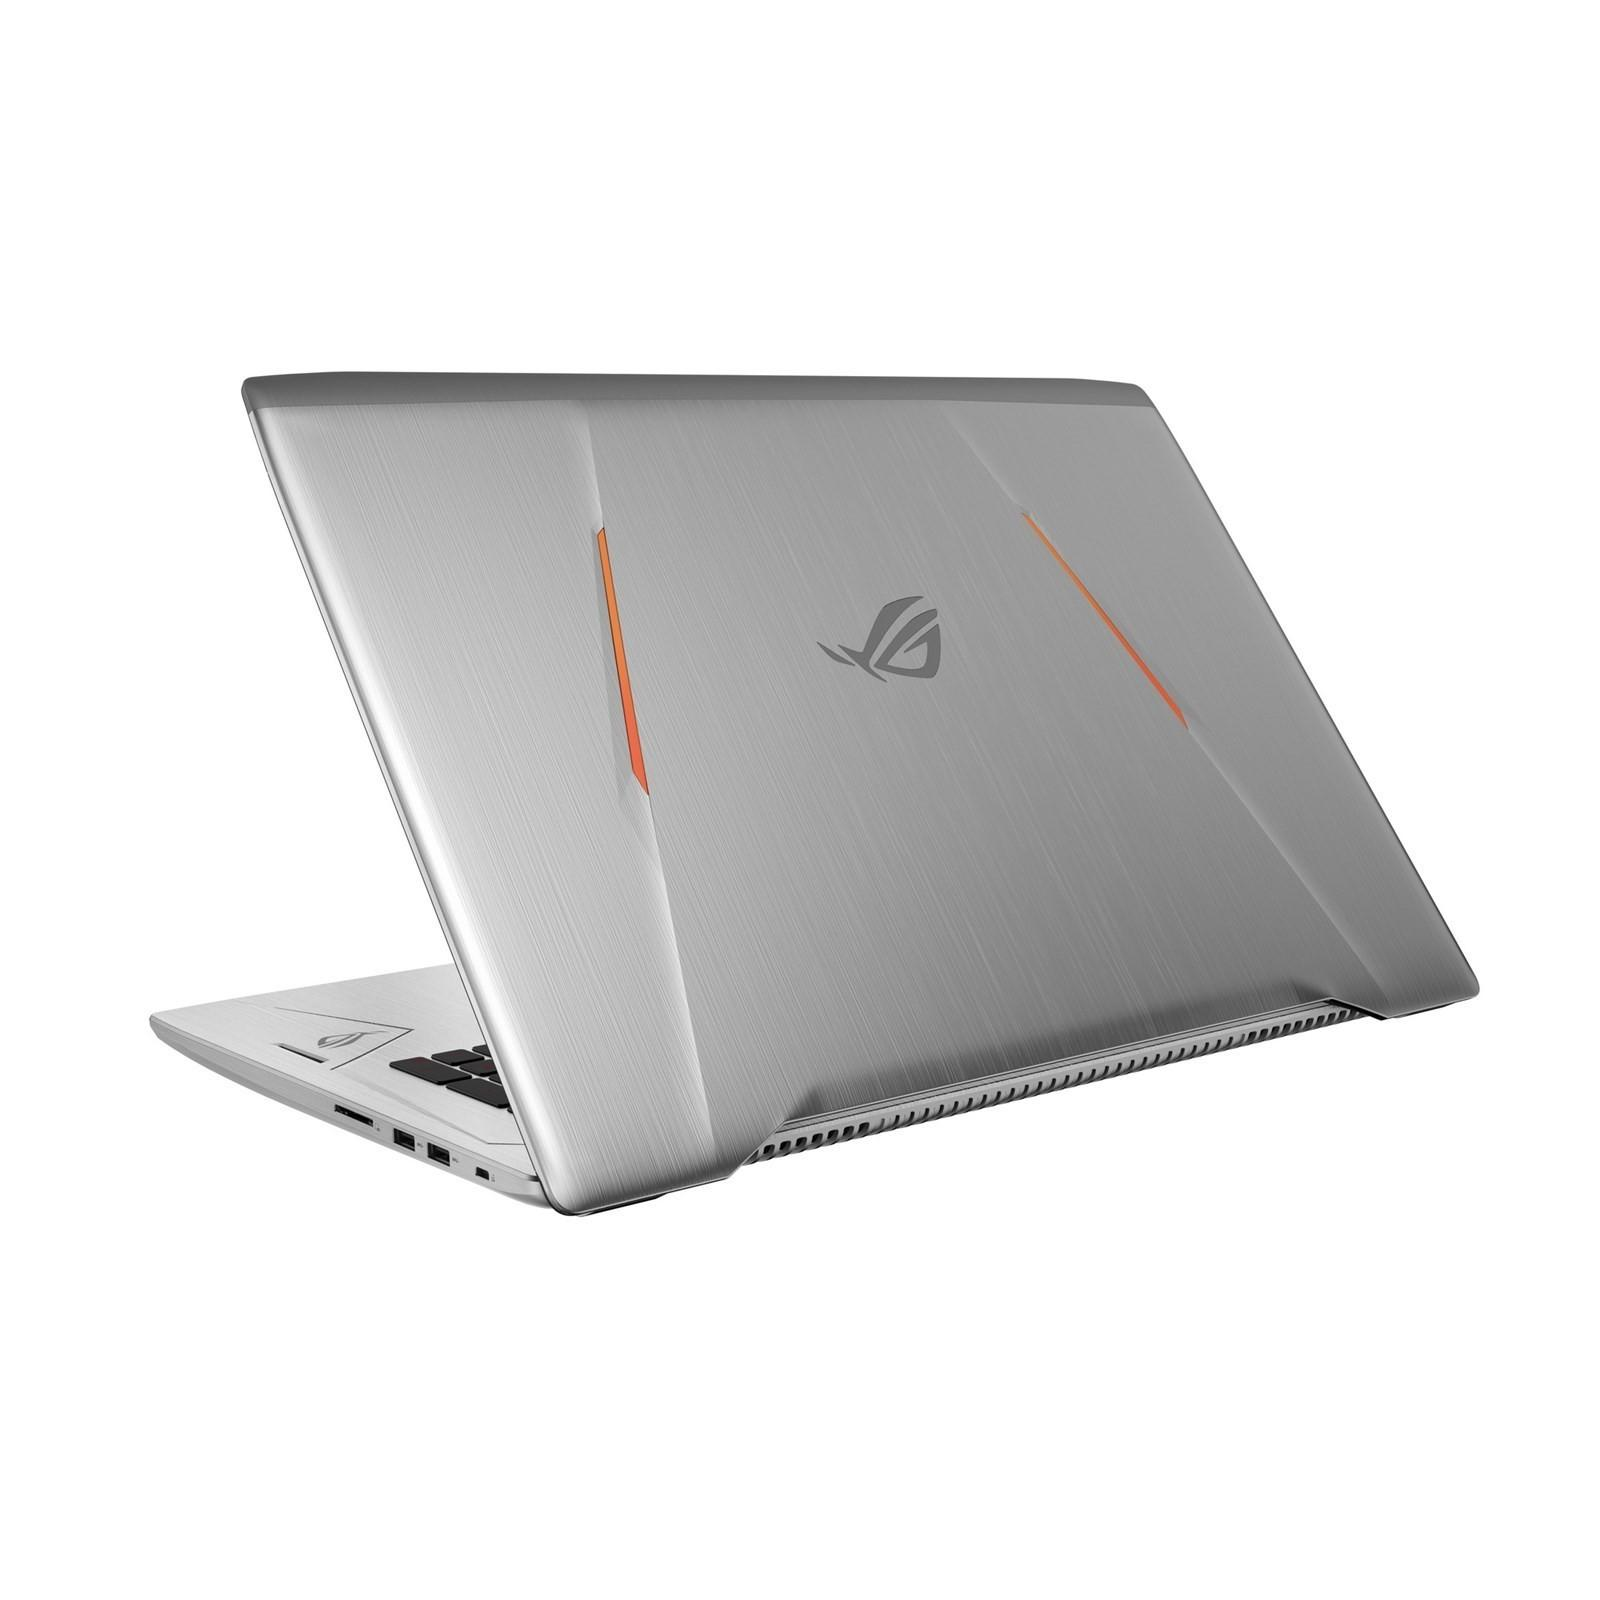 Laptop Gaming Asus Terbaru Termurah Tuf Fx504gd E4310t Rog G752vs Core I7 7820hk 16gb 1tb 512ssd Gtx1070 8gb Fhd W10